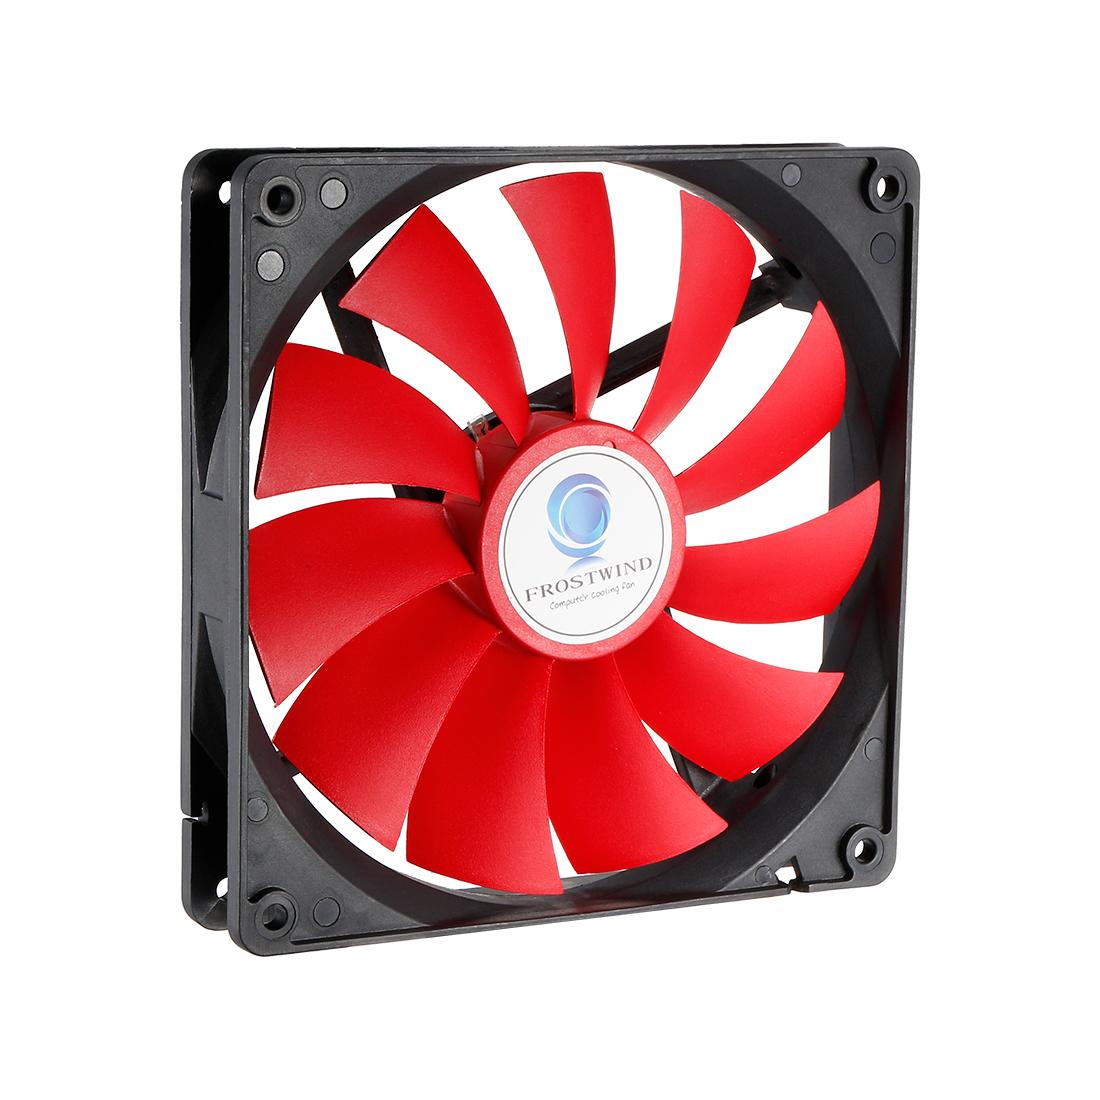 120mm x 25mm 24V DC Cooling Fan Long Life Dual Ball Bearing Computer Case Fan